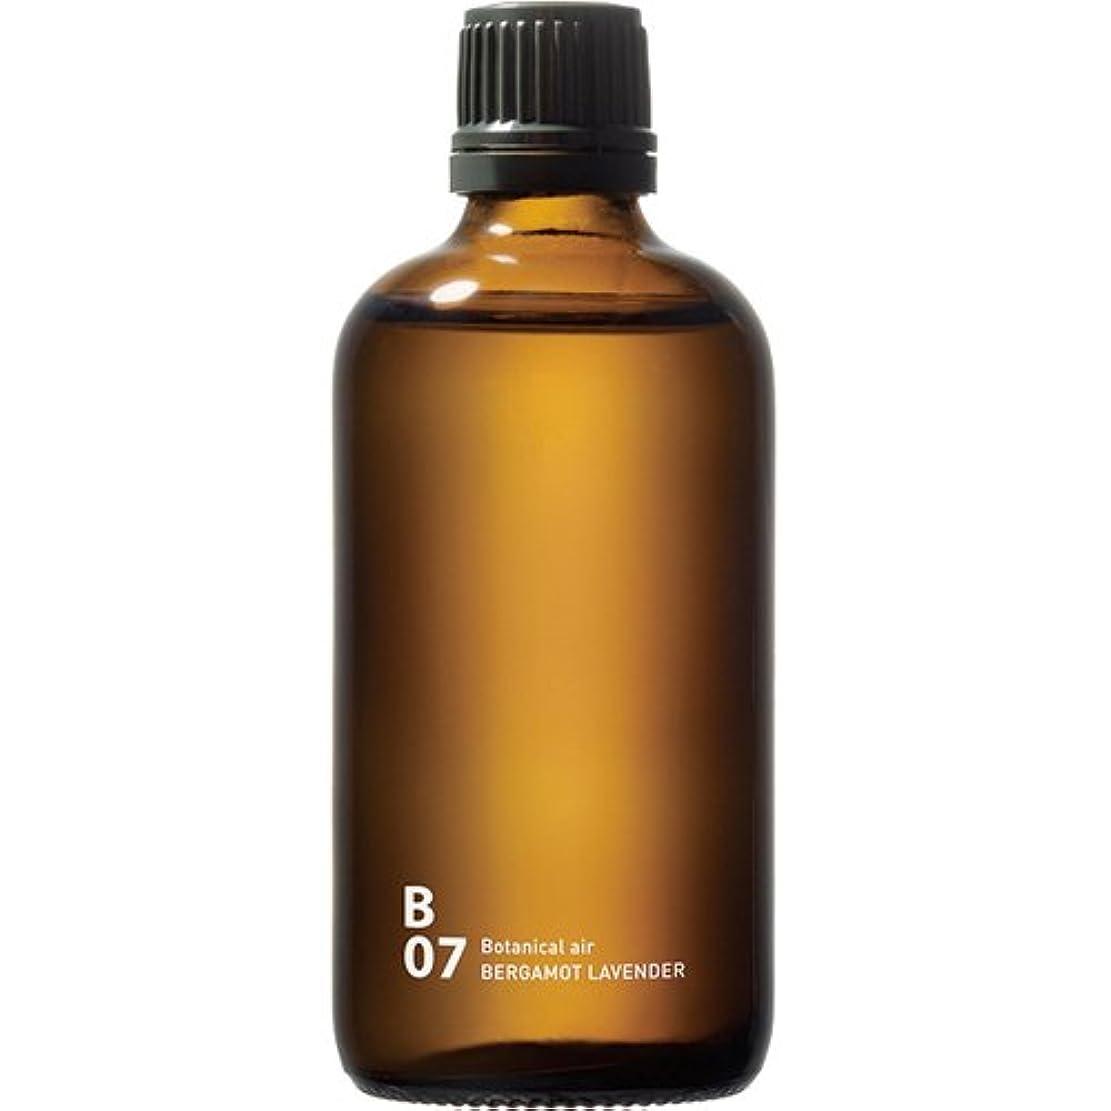 配る締める副詞B07 BERGAMOT LAVENDER piezo aroma oil 100ml